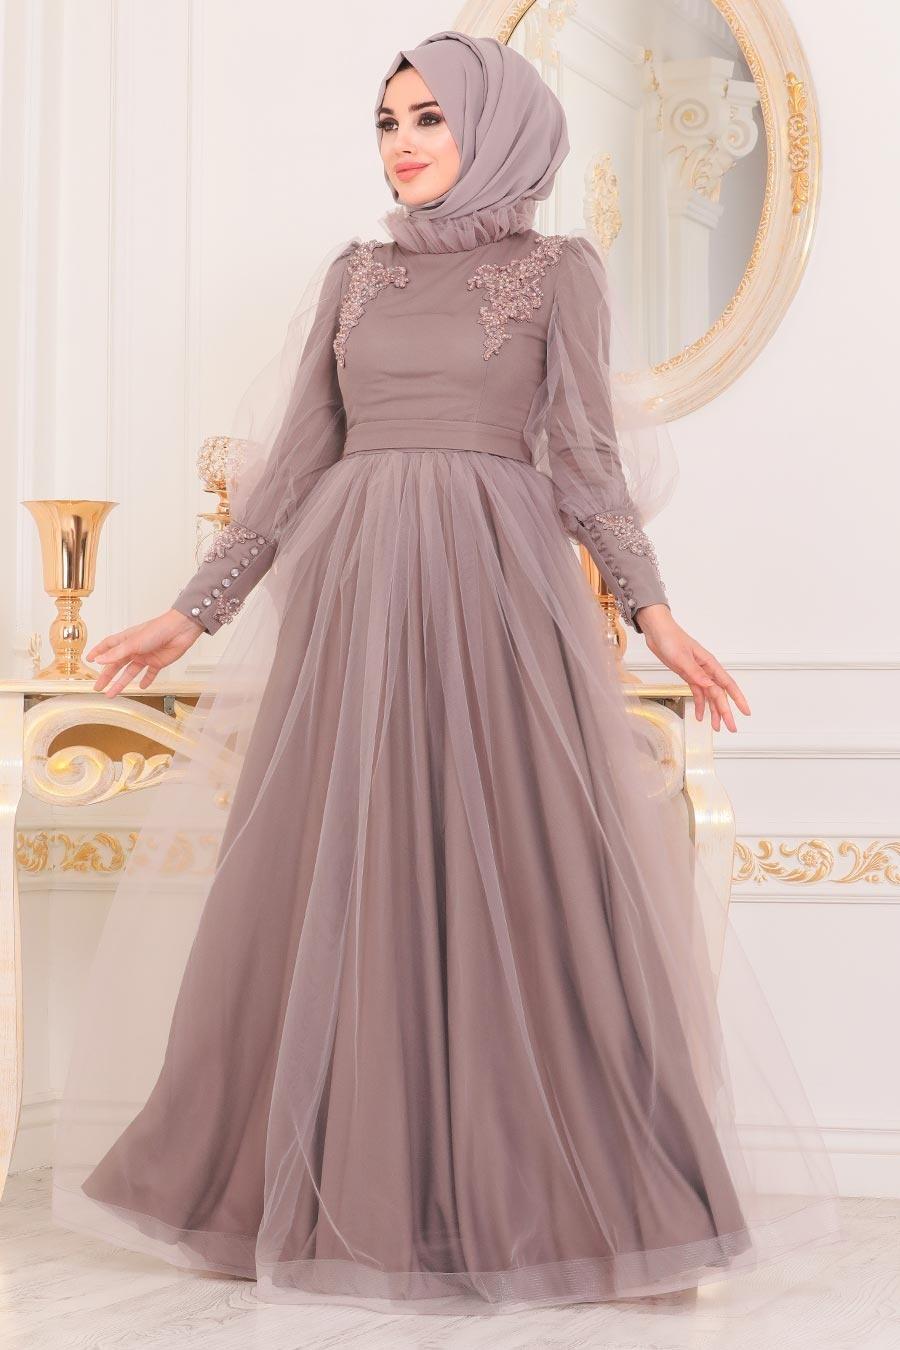 Tesettürlü Abiye Elbise - Boncuk Detaylı Vizon Tesettür Abiye Elbise 40320V